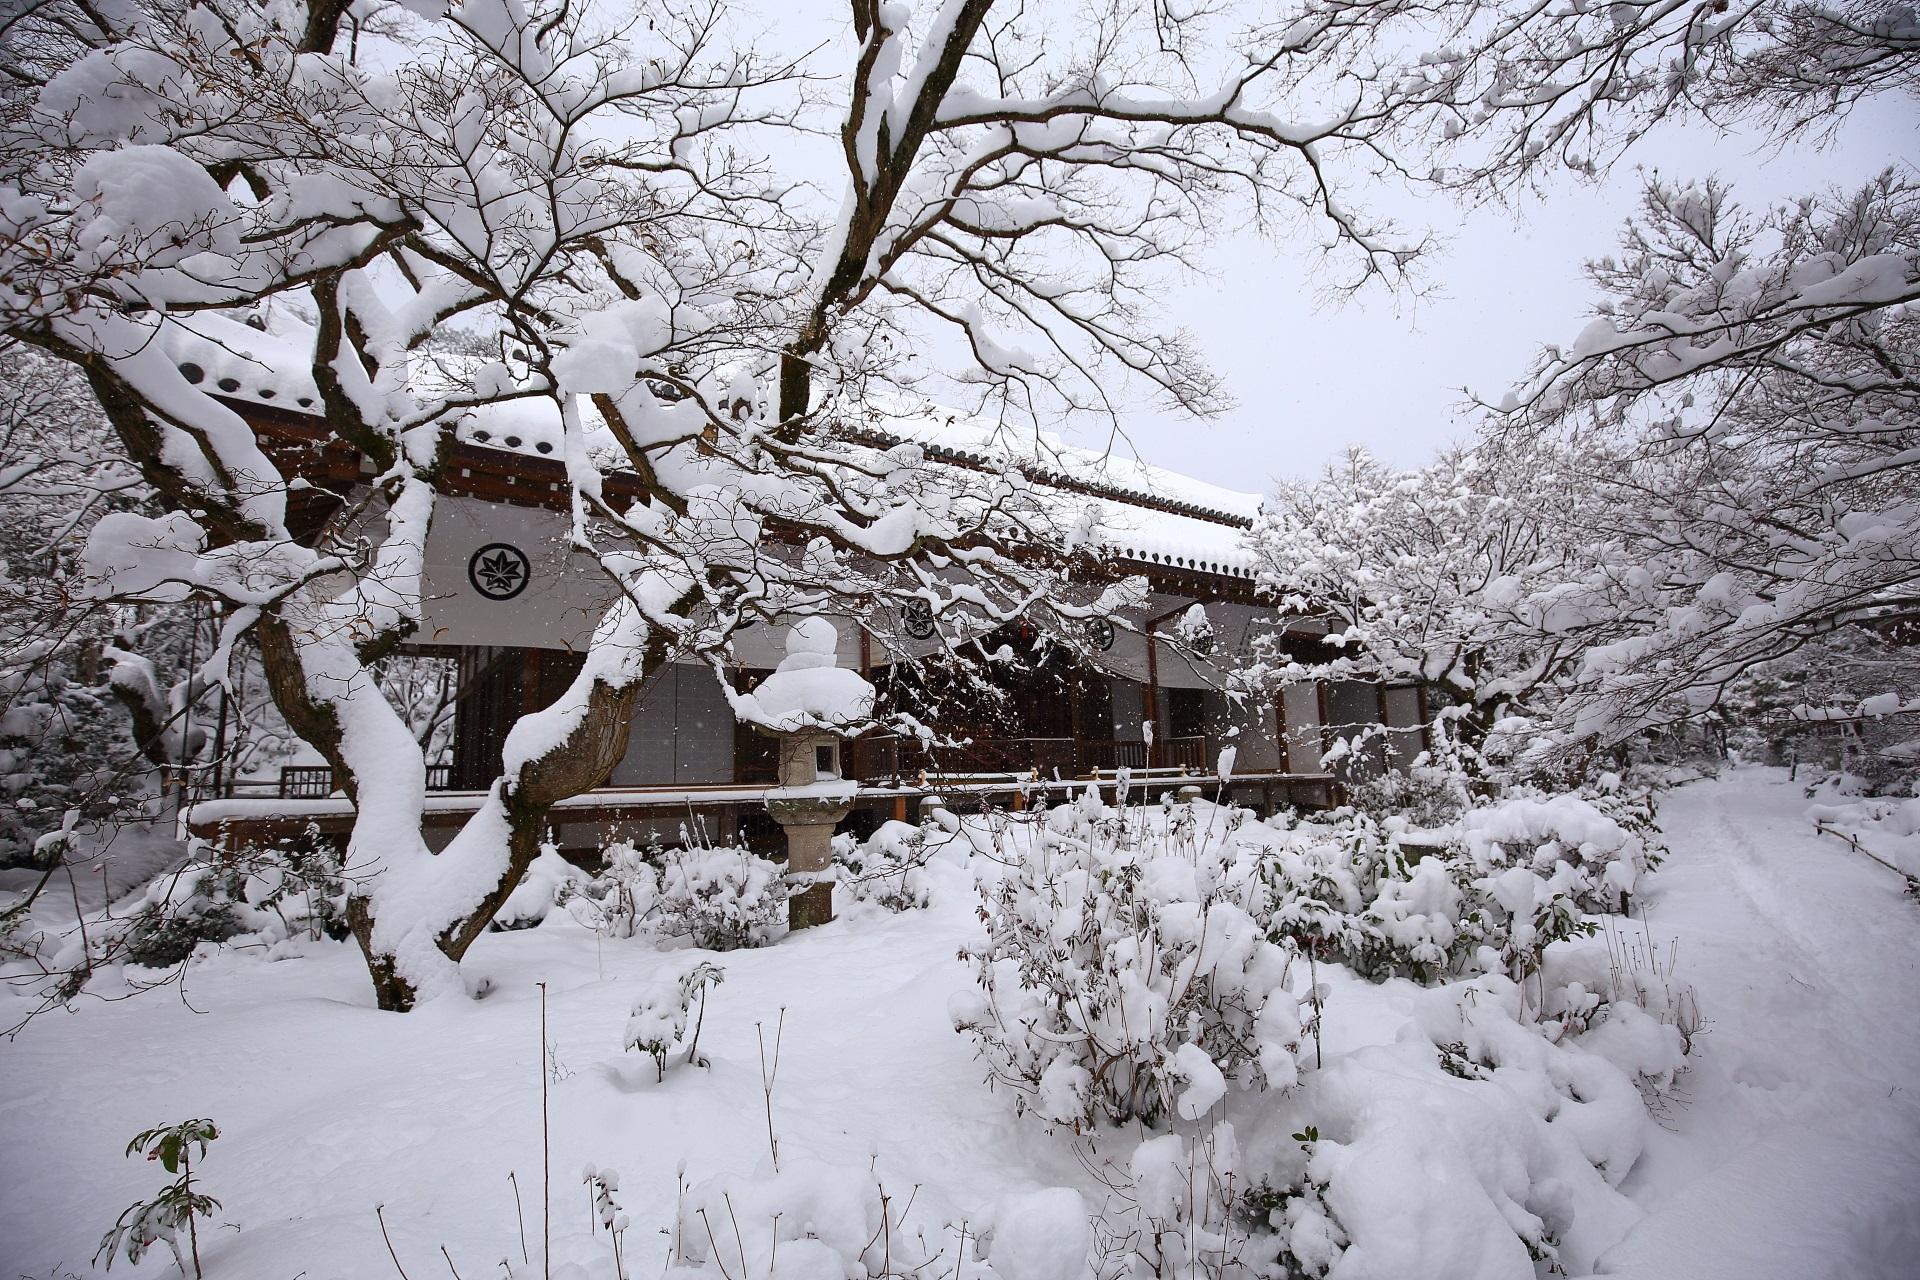 絵になる冬の常寂光寺の本堂の雪景色